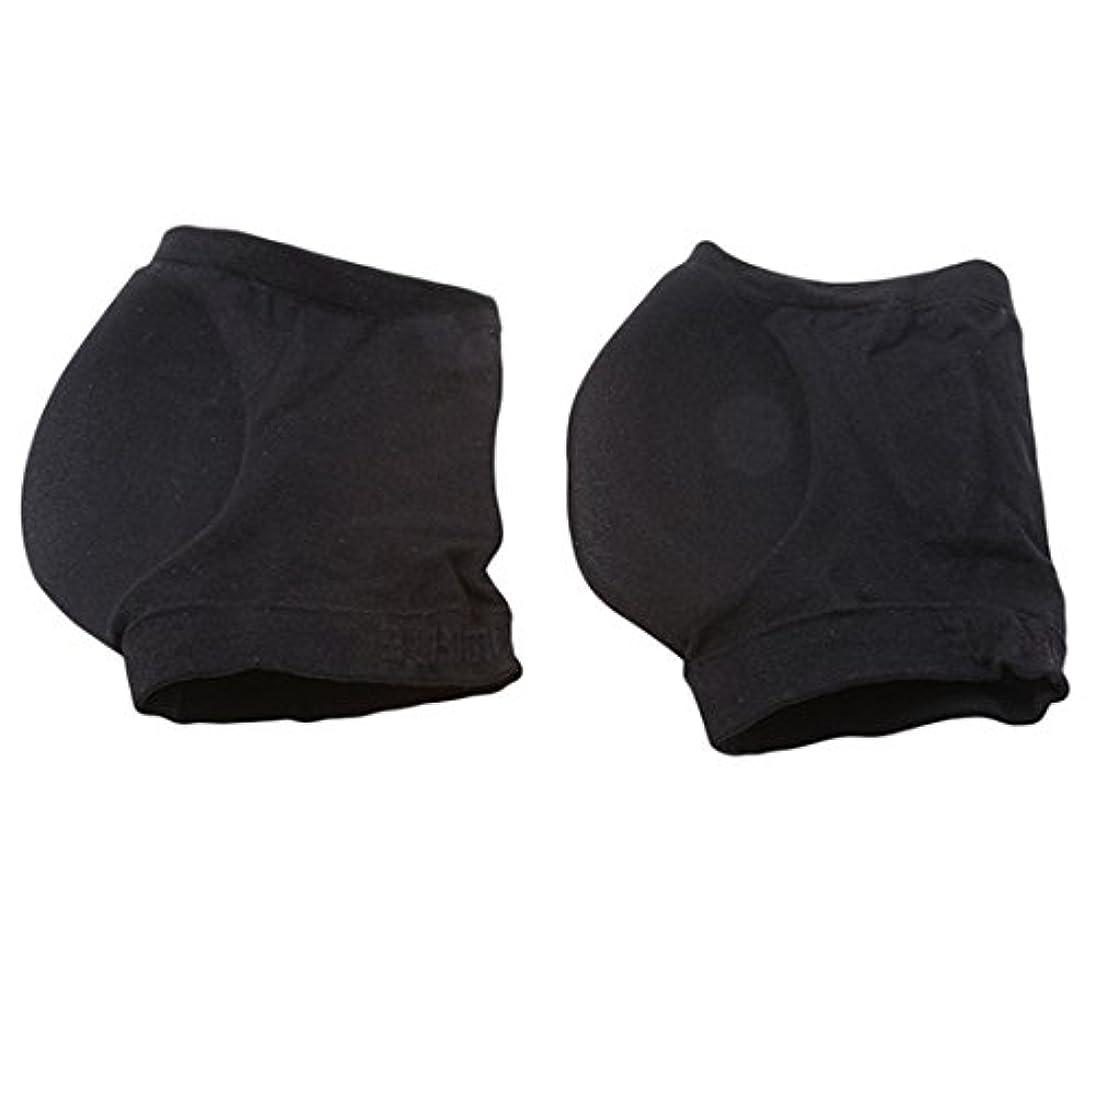 異常な好奇心狭いKLUMA 靴下 かかと ソックス 角質ケア うるおい 保湿 角質除去 足ケア レディース メンズ